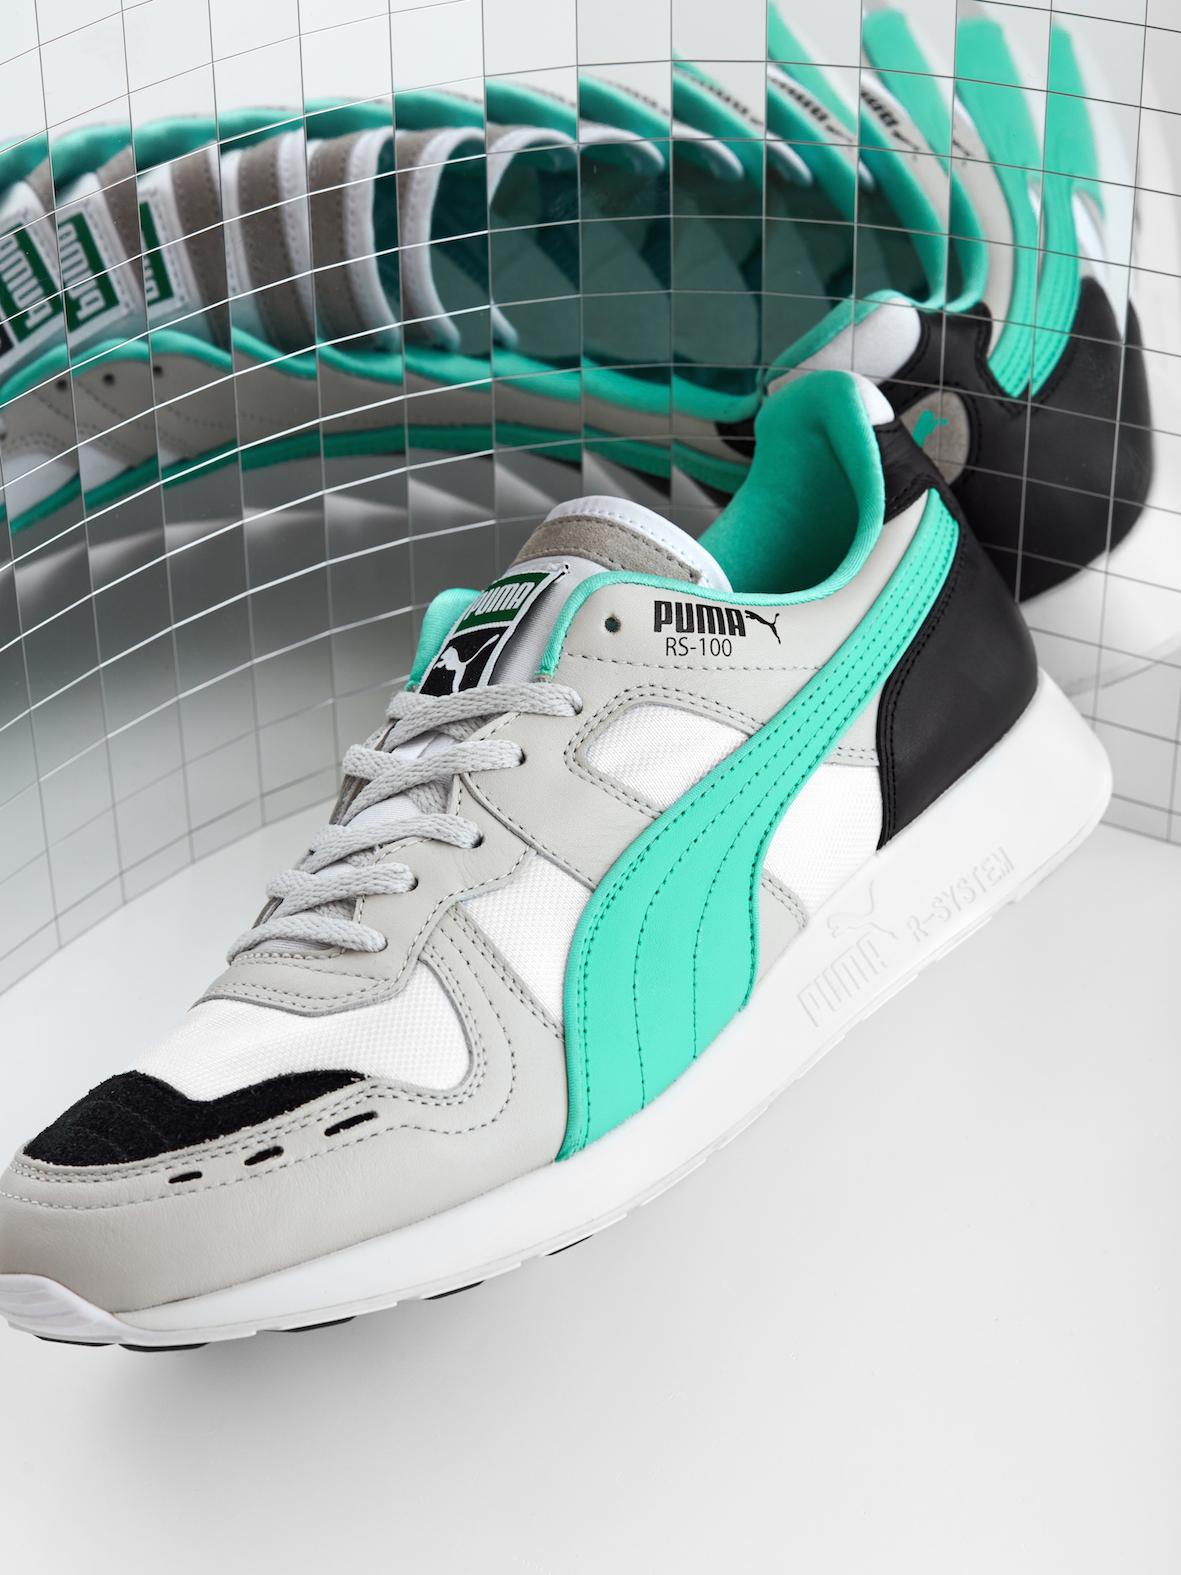 Puma, un ritorno al futuro con la nuova collezione RS | Collater.al 7